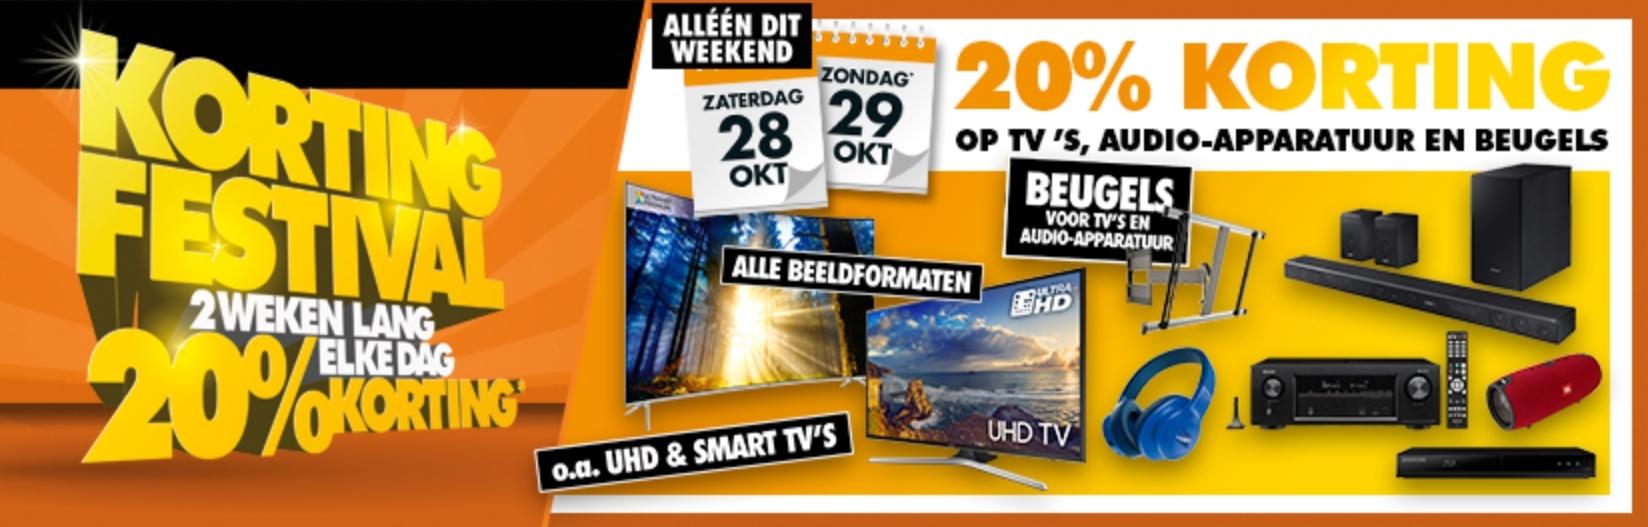 Korting Festival: vandaag en morgen 20% korting op  TV's, audio-apparatuur en beugels @ Expert